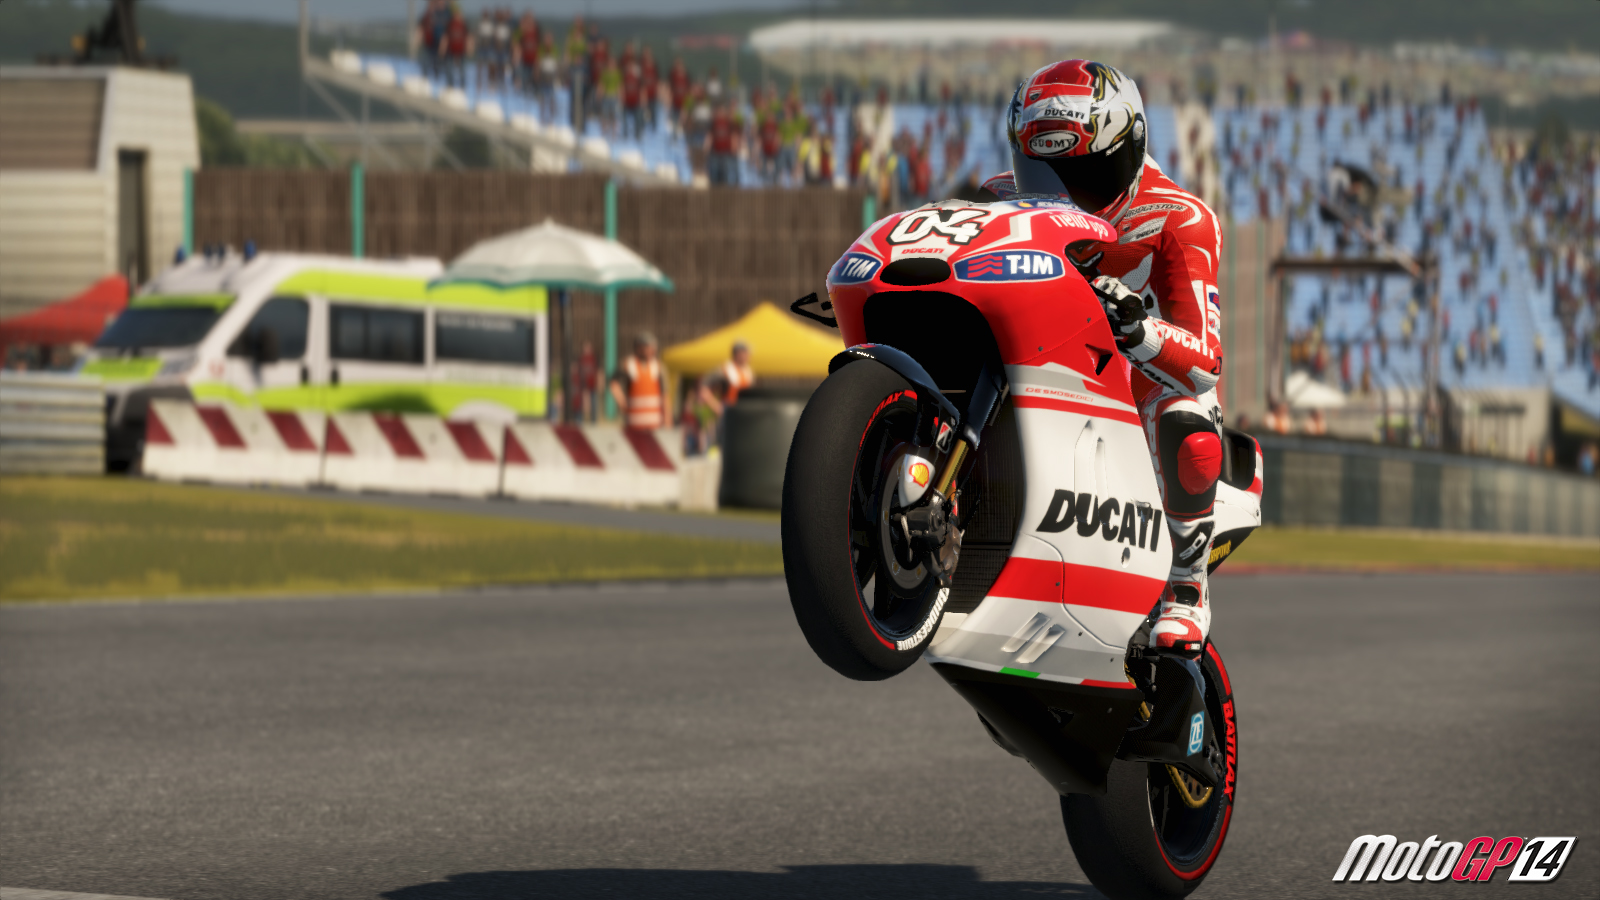 MotoGP 14 CODEX